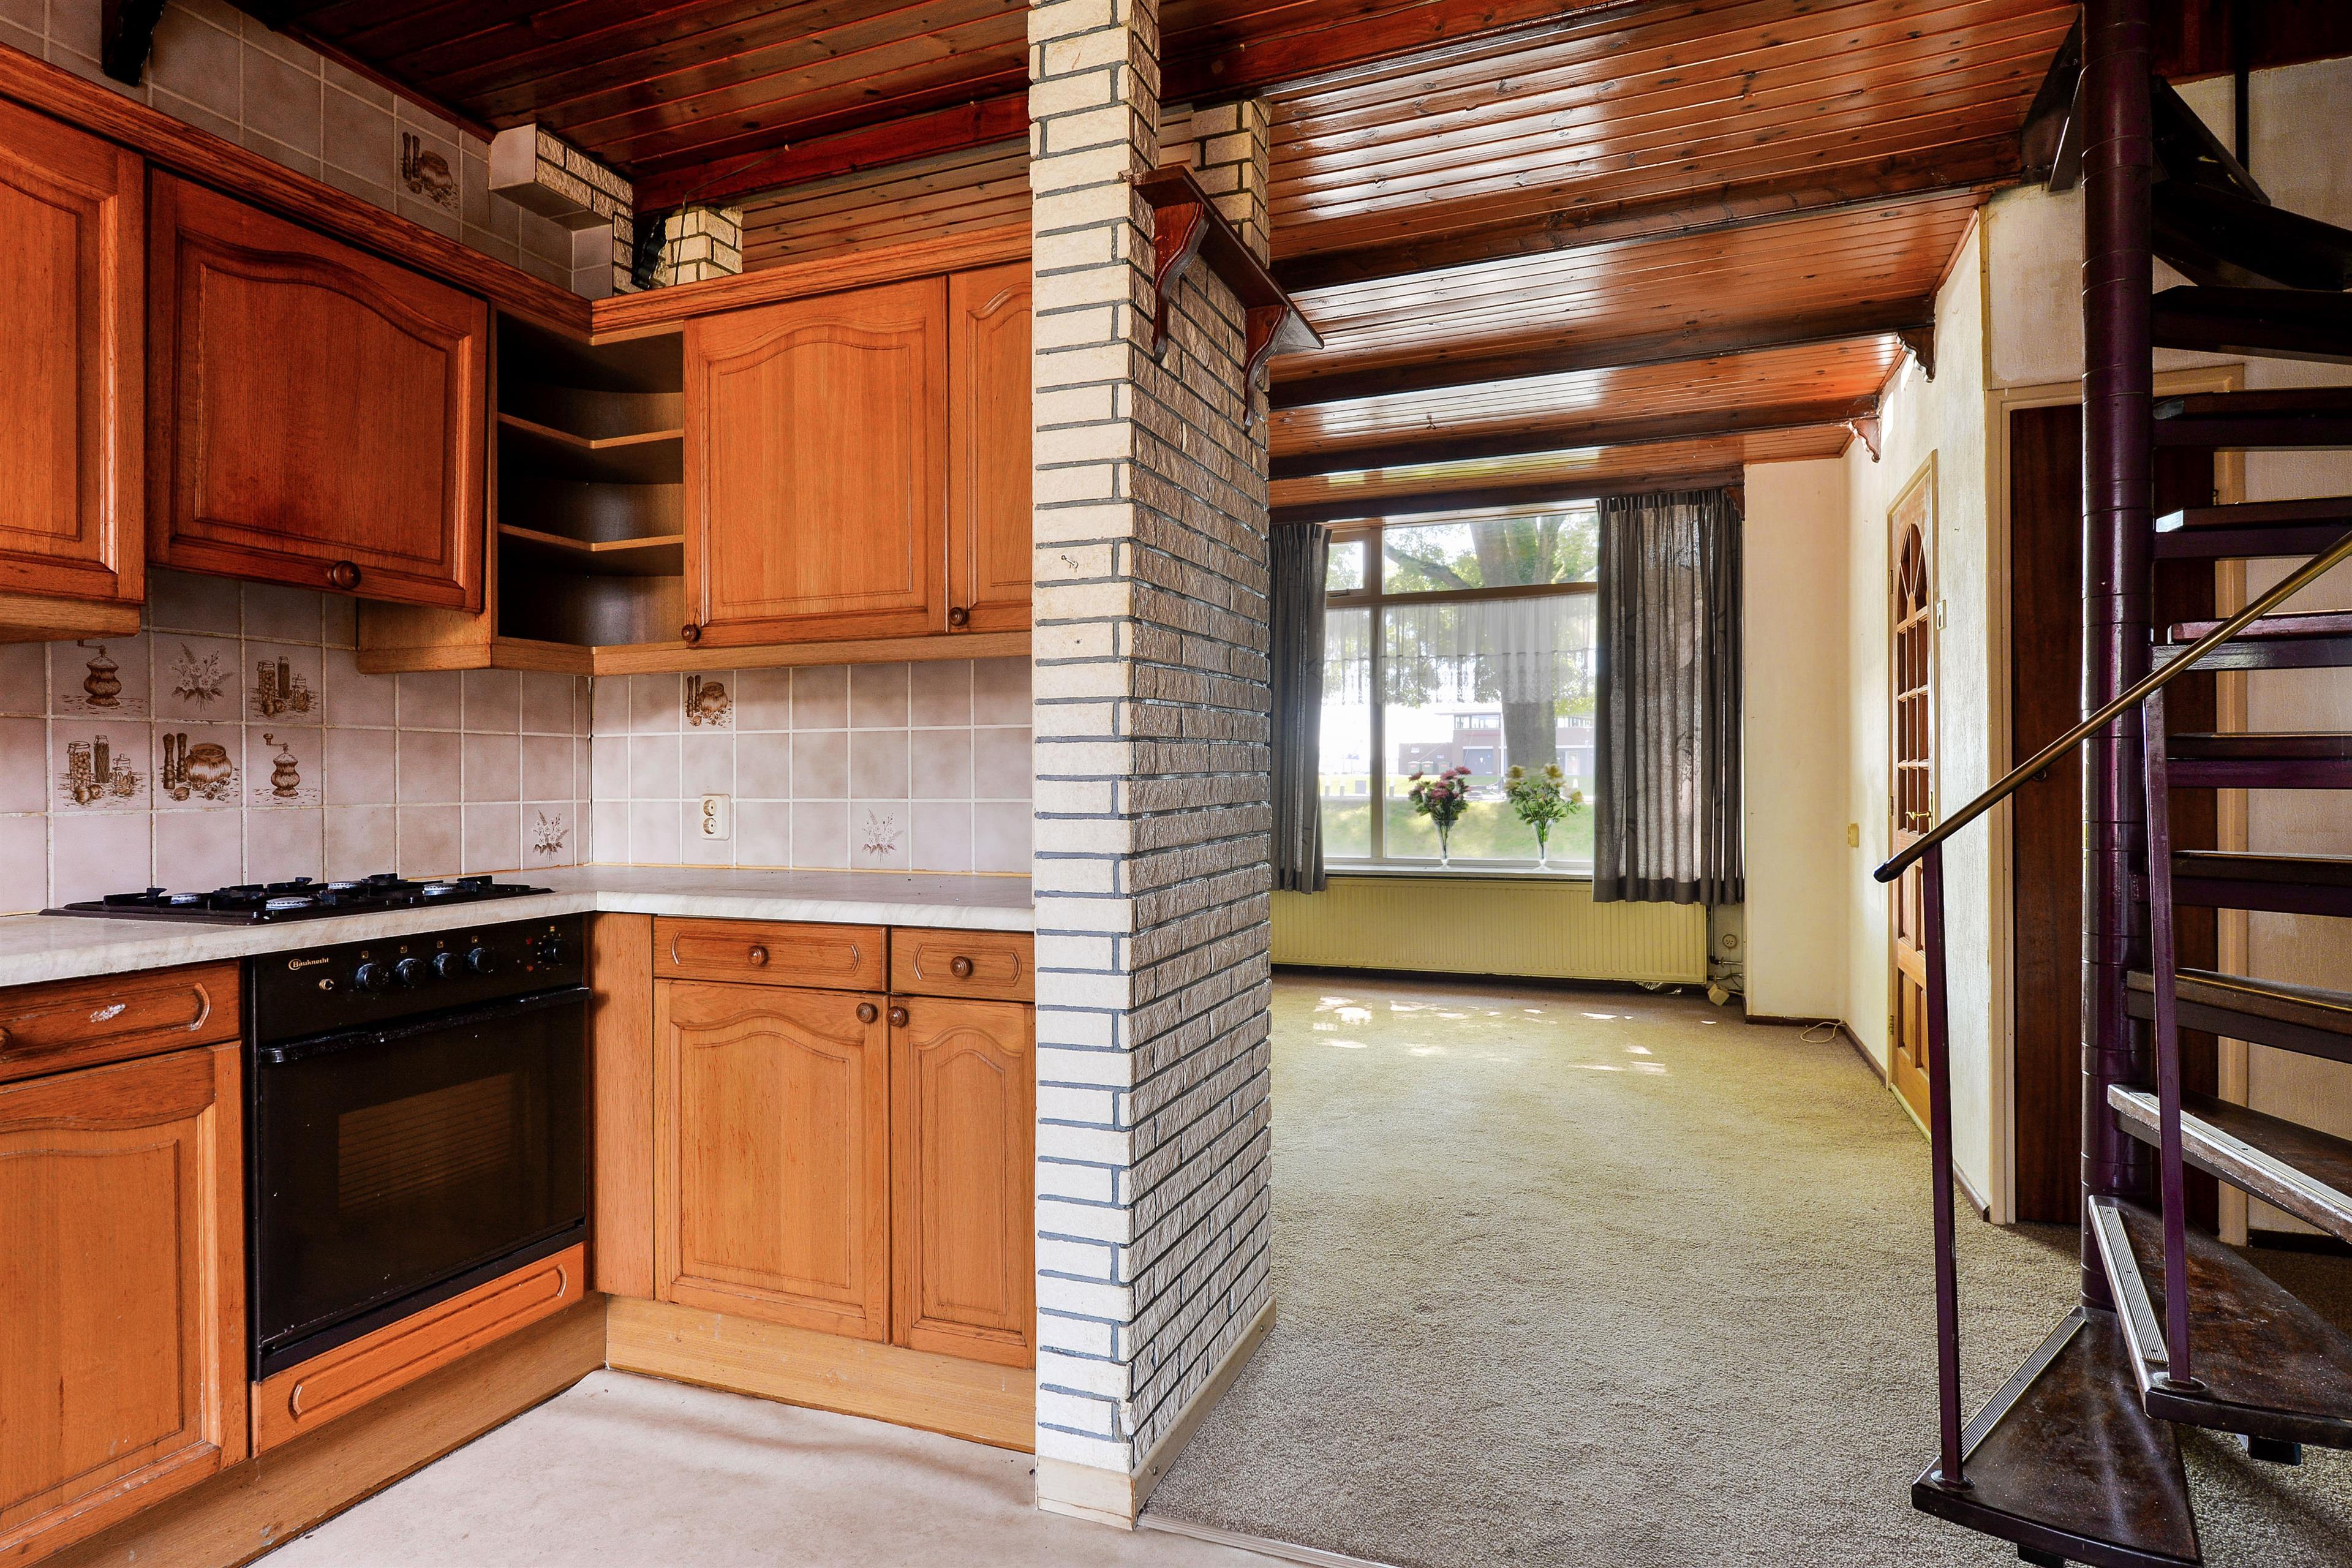 Wat Is Een Half Open Keuken : De half open keuken heeft toegang tot het terras en de achtertuin. In